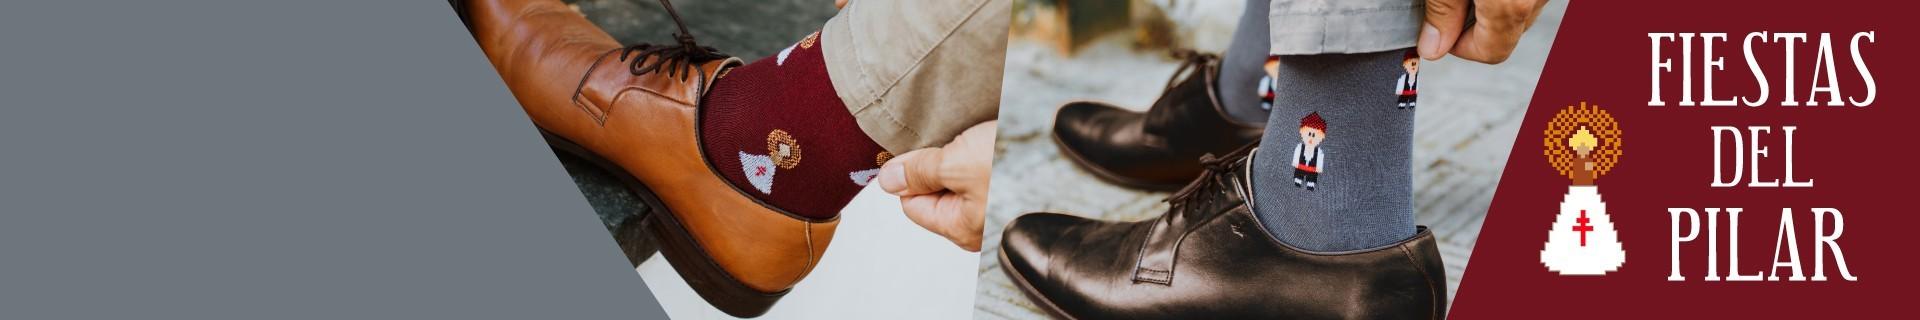 Calcetines de las Fiestas del Pilar